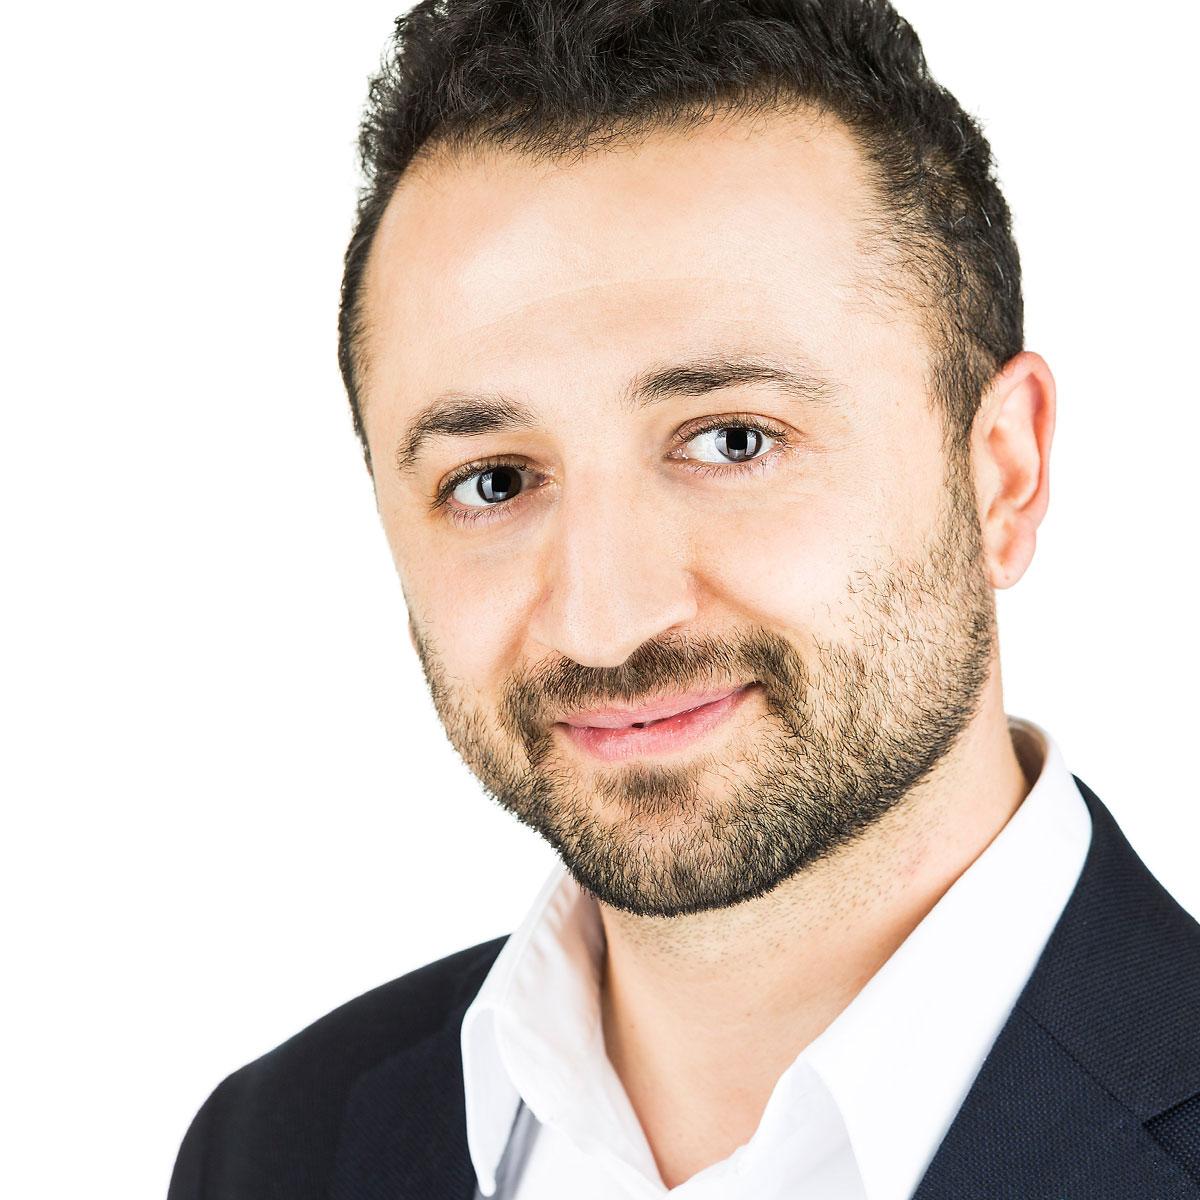 Federico Ghironi è Dental Business Coach presso Ekis: se stai cercando un mental coach sei nel posto giusto per scoprire come migliorare la concentrazione e migliorare la propria vita.